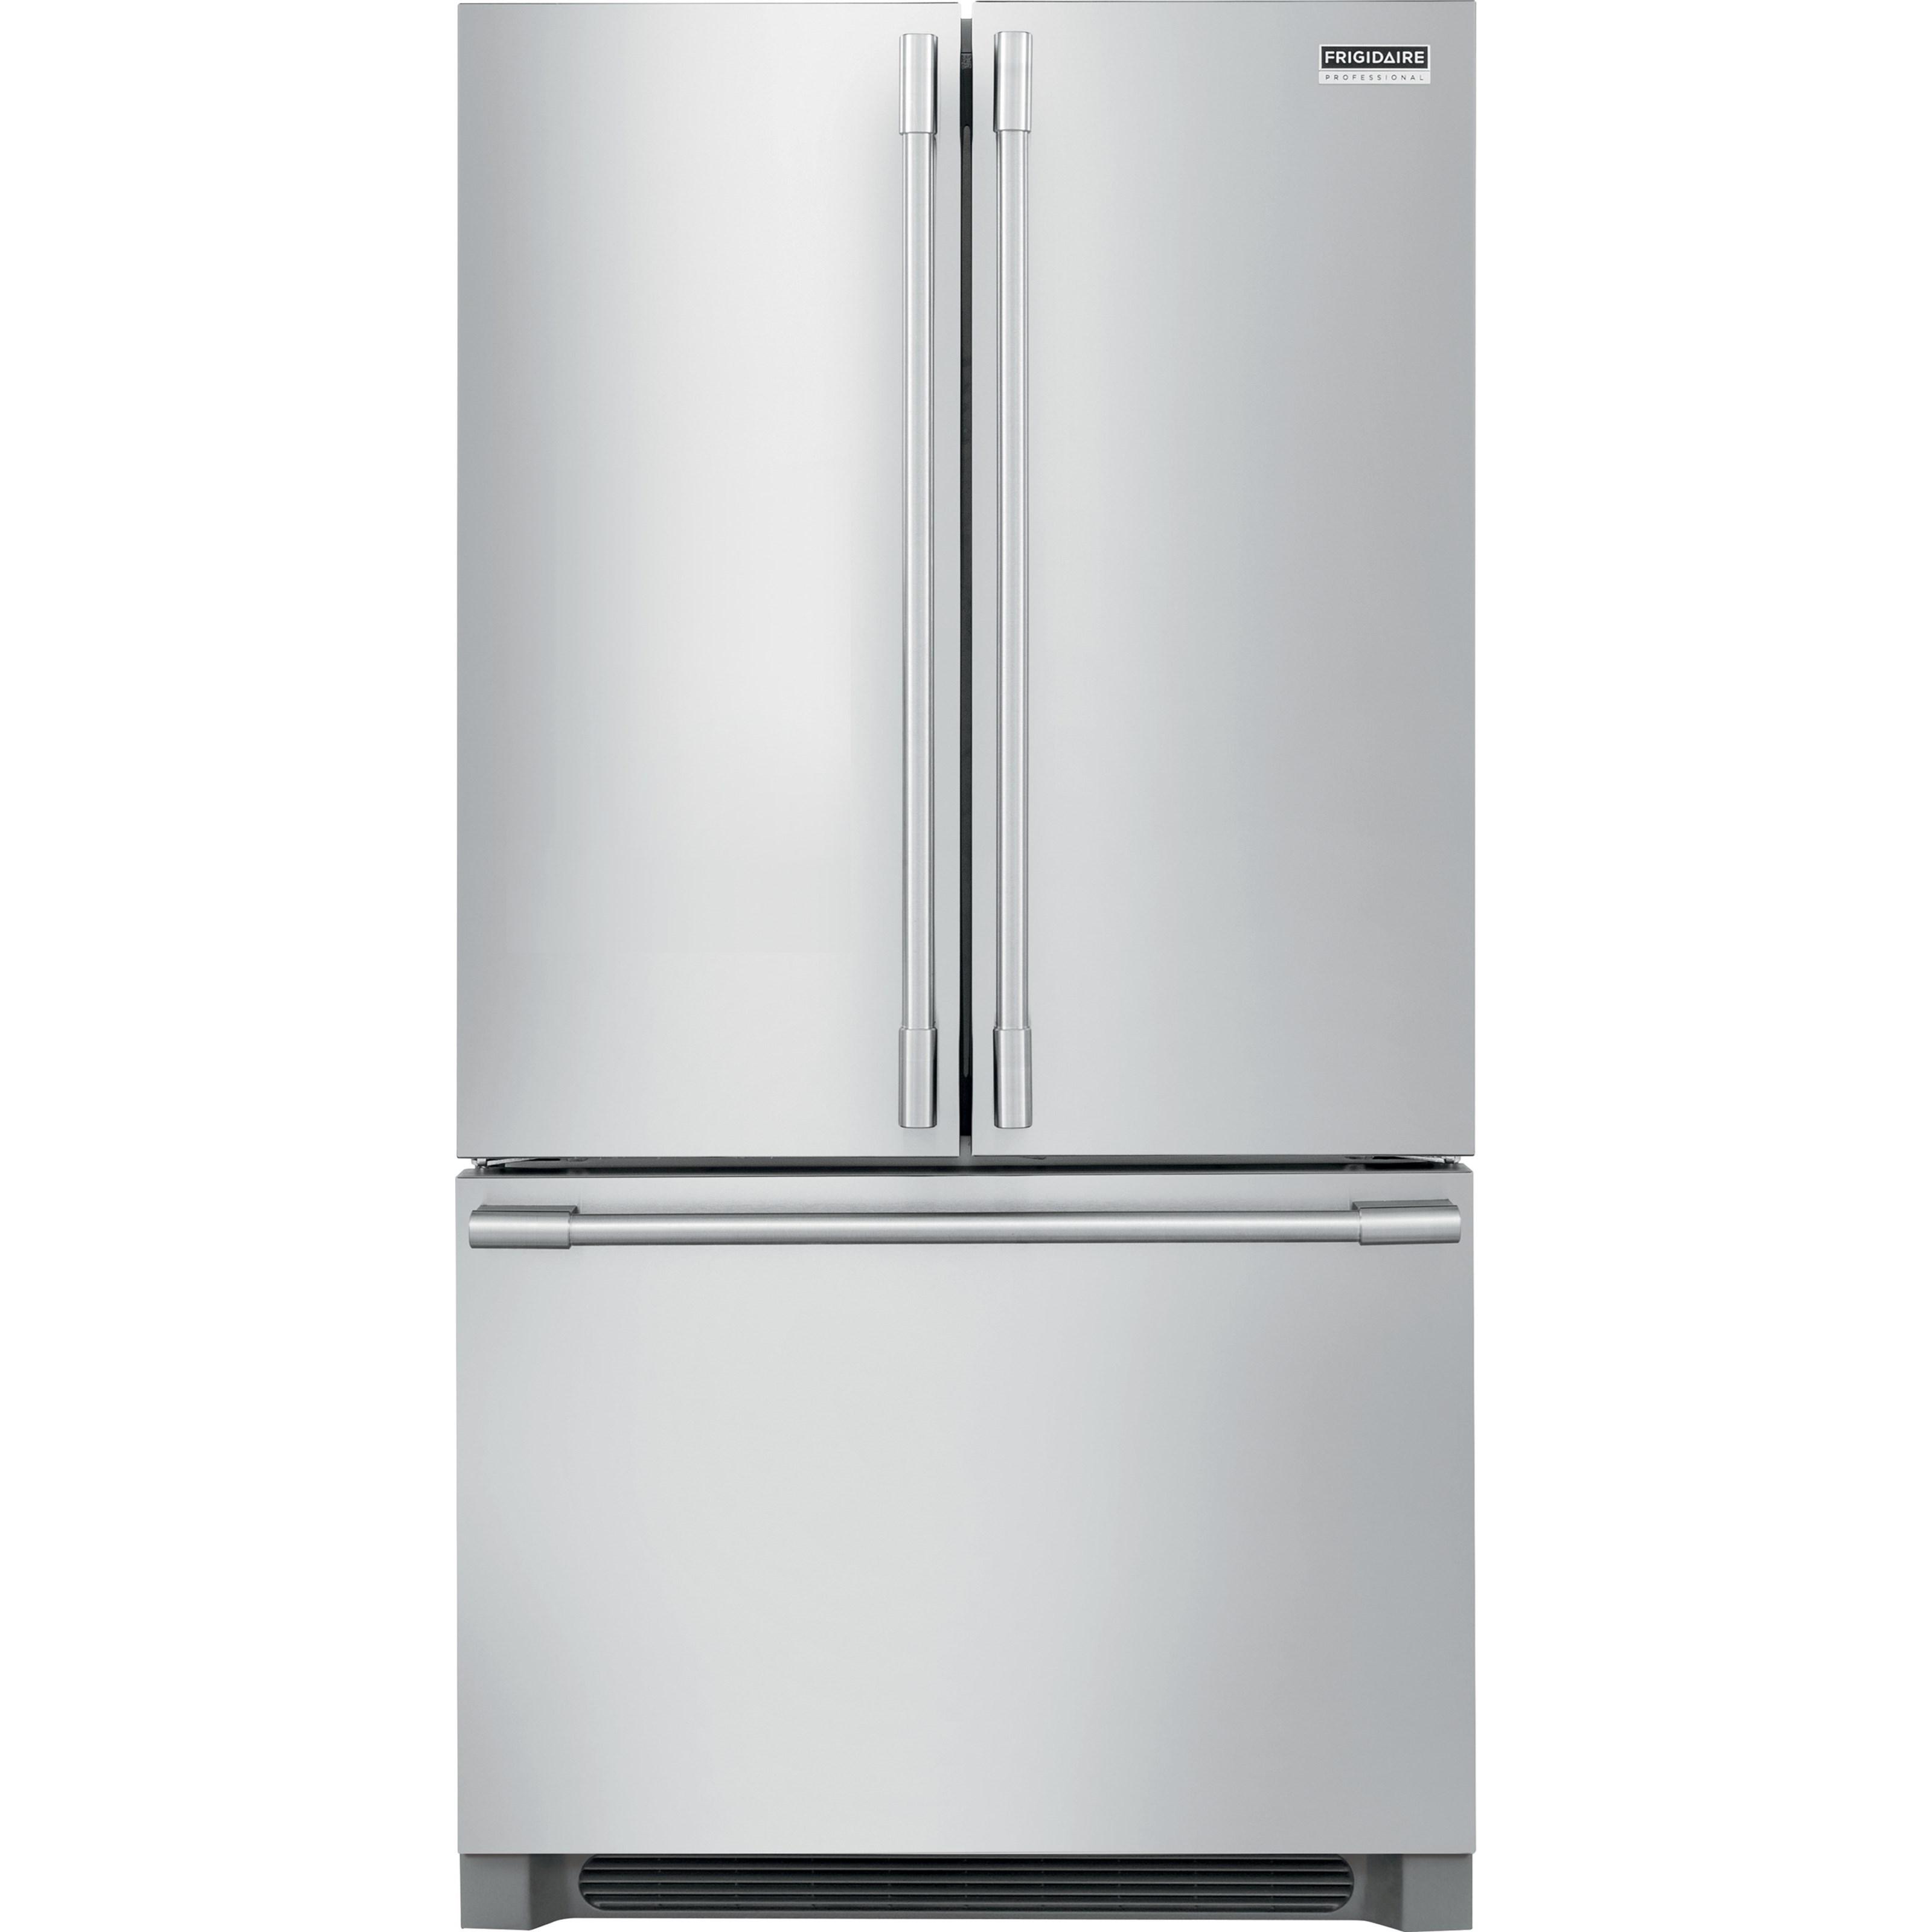 22.3 Cu. Ft. French Door Refrigerator